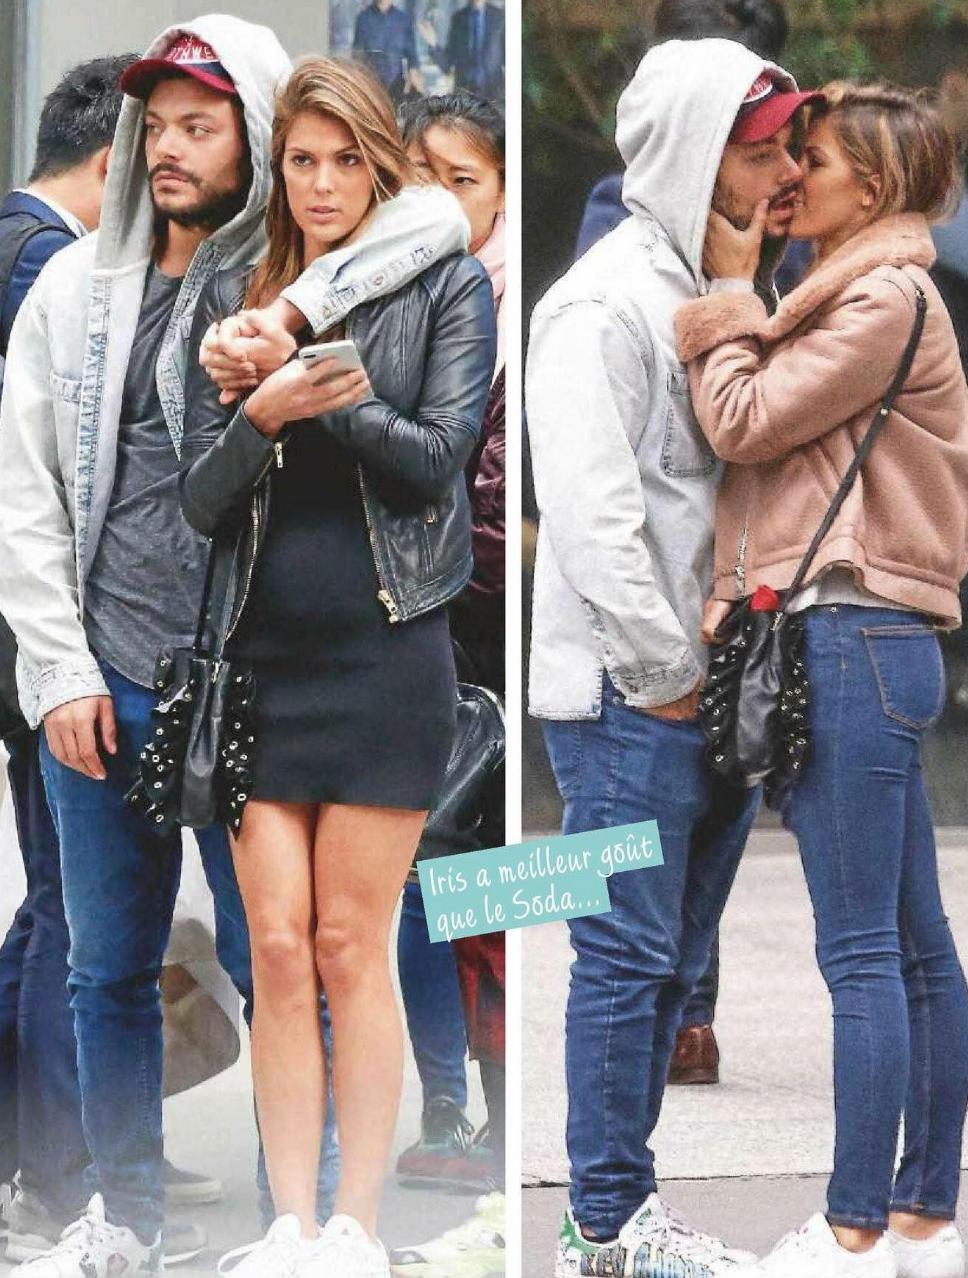 La photo ne laisse aucun doute sur la relation entre Iris et Kev: l'amour!